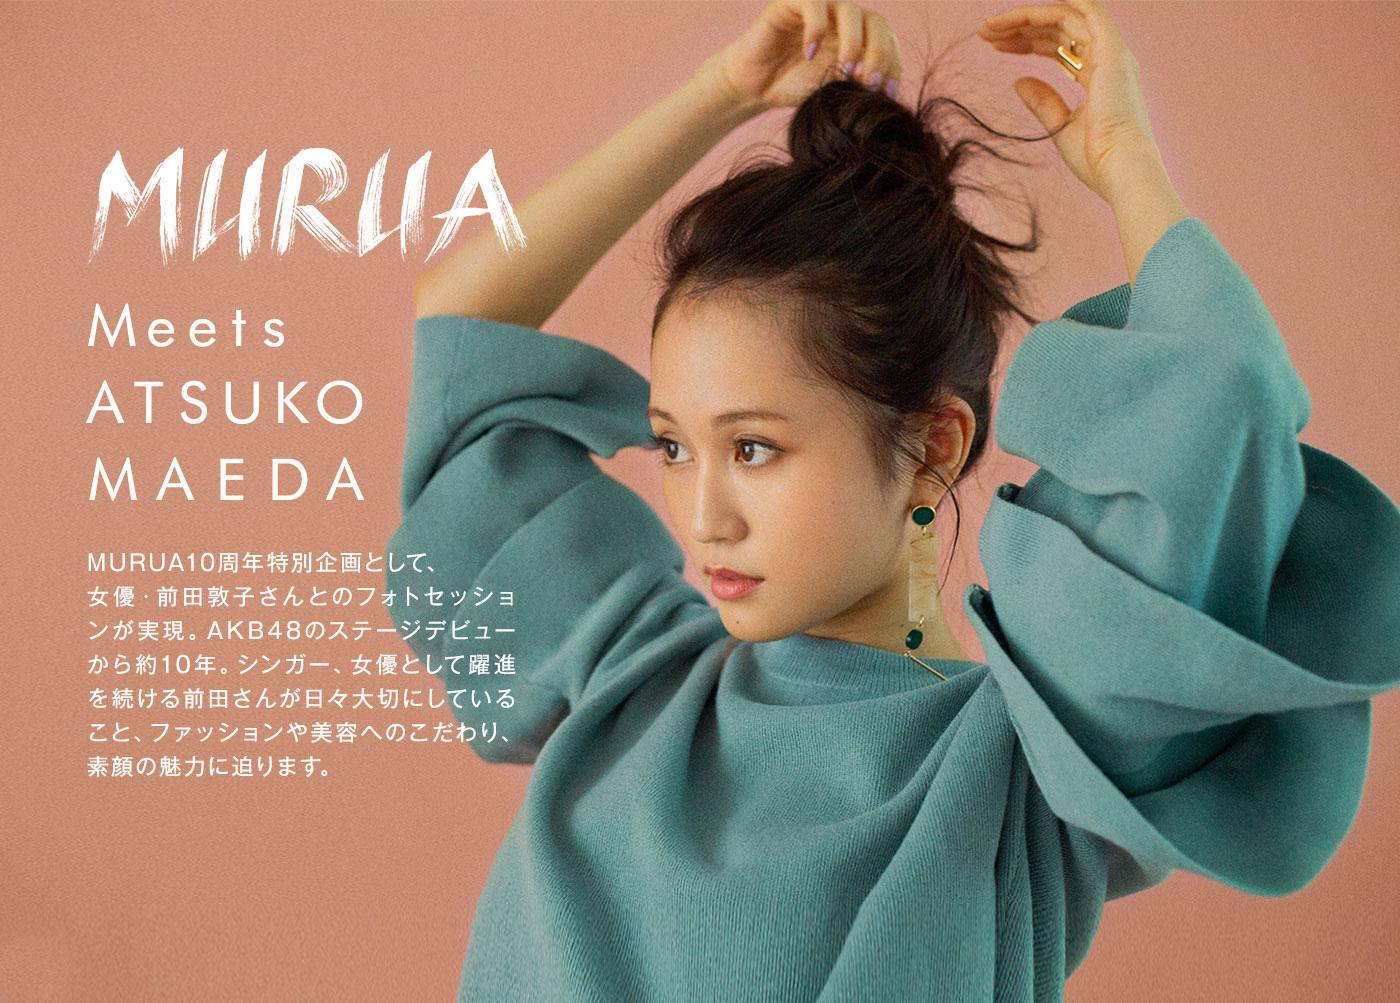 MURUA 10周年スペシャルサイト